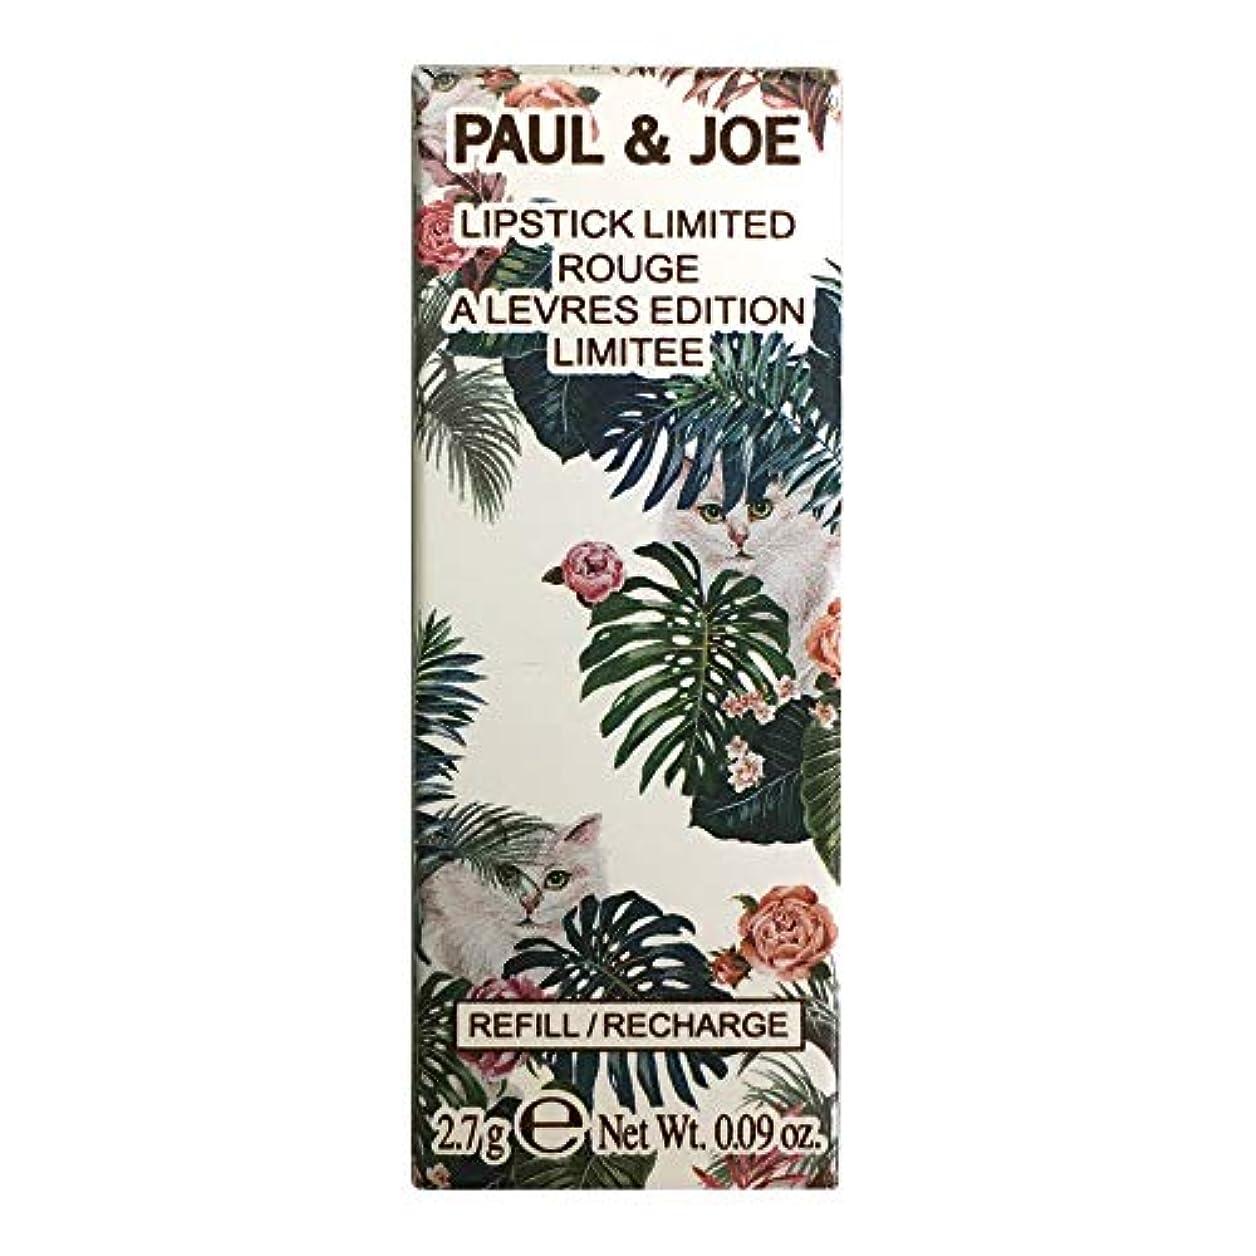 混沌困惑した考古学ポール & ジョー/PAUL & JOE リップスティック リミテッド #007(レフィル) (限定) [ 口紅 ] [並行輸入品]